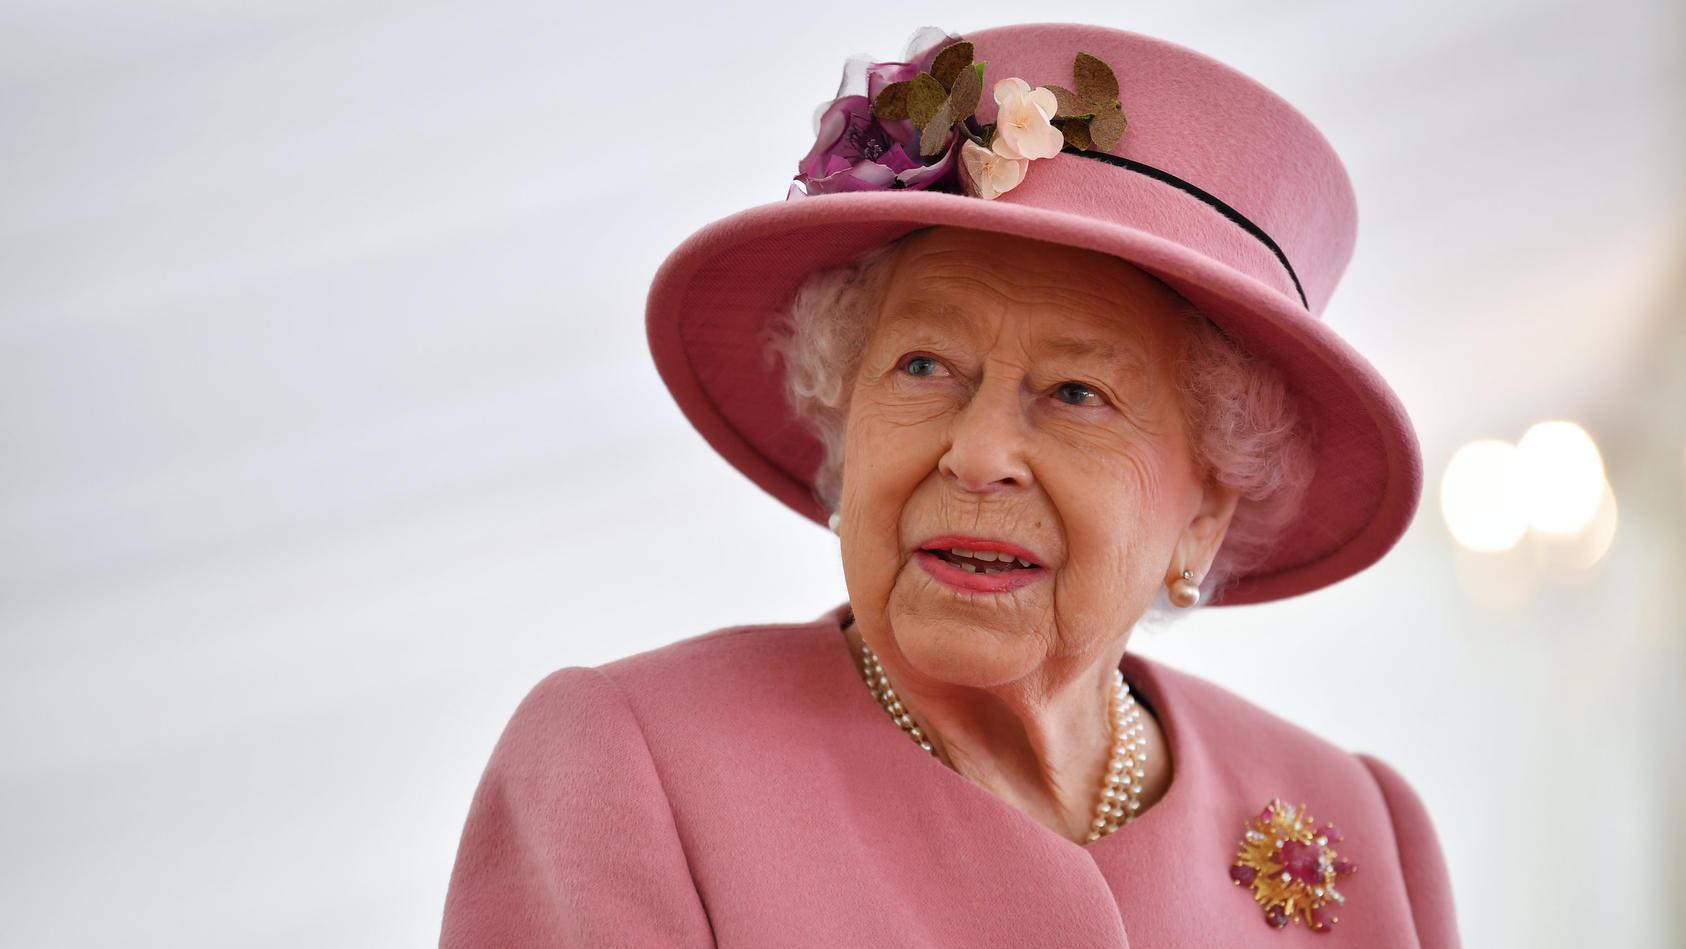 Erster öffentlicher Auftritt der Queen seit Beginn der Pandemie